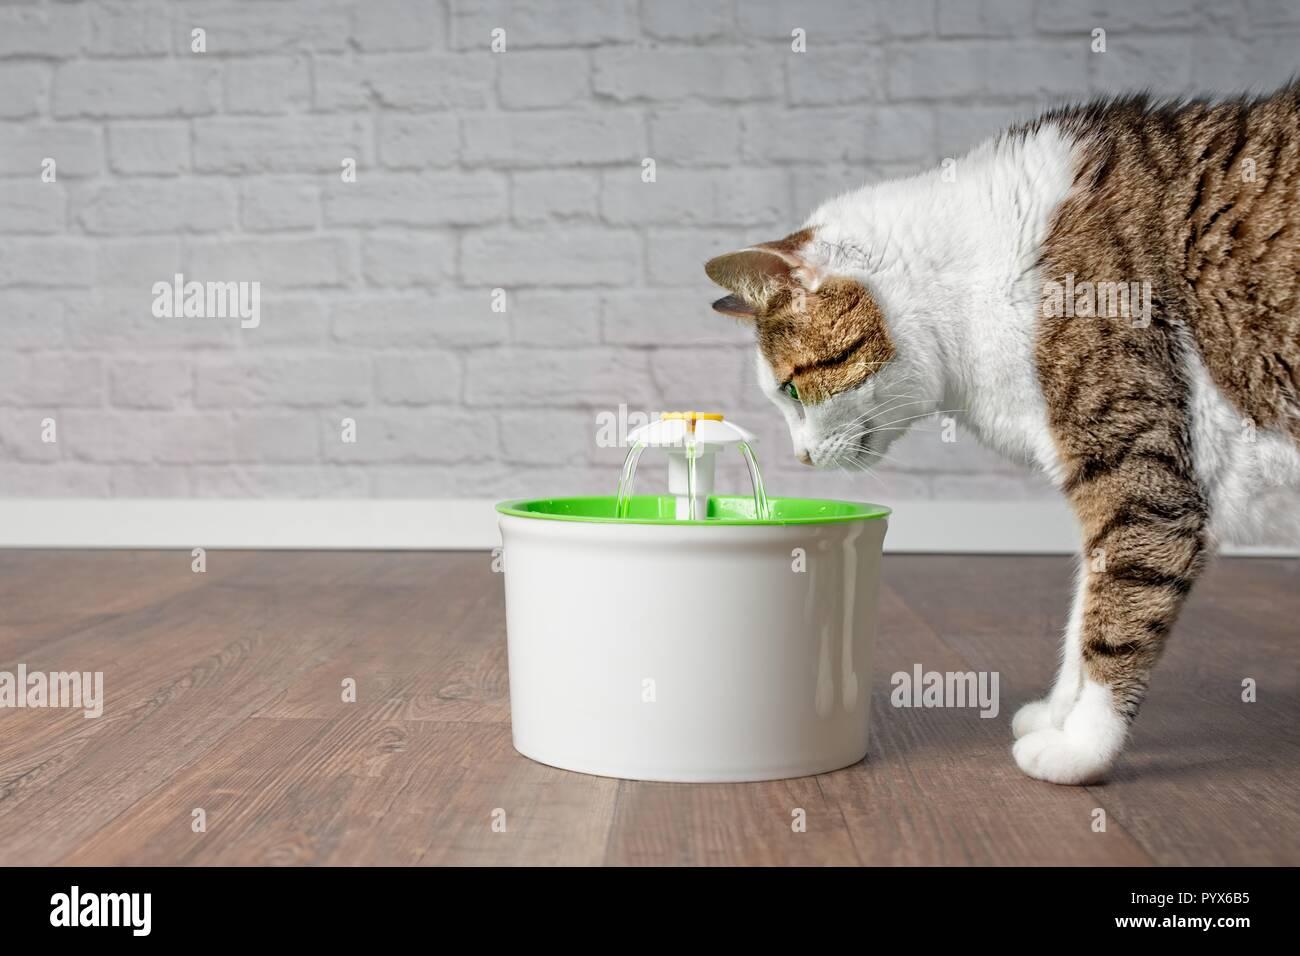 Sed gato atigrado mirando curiosos a una mascota el fuente de agua potable. Vista lateral con espacio de copia. Imagen De Stock